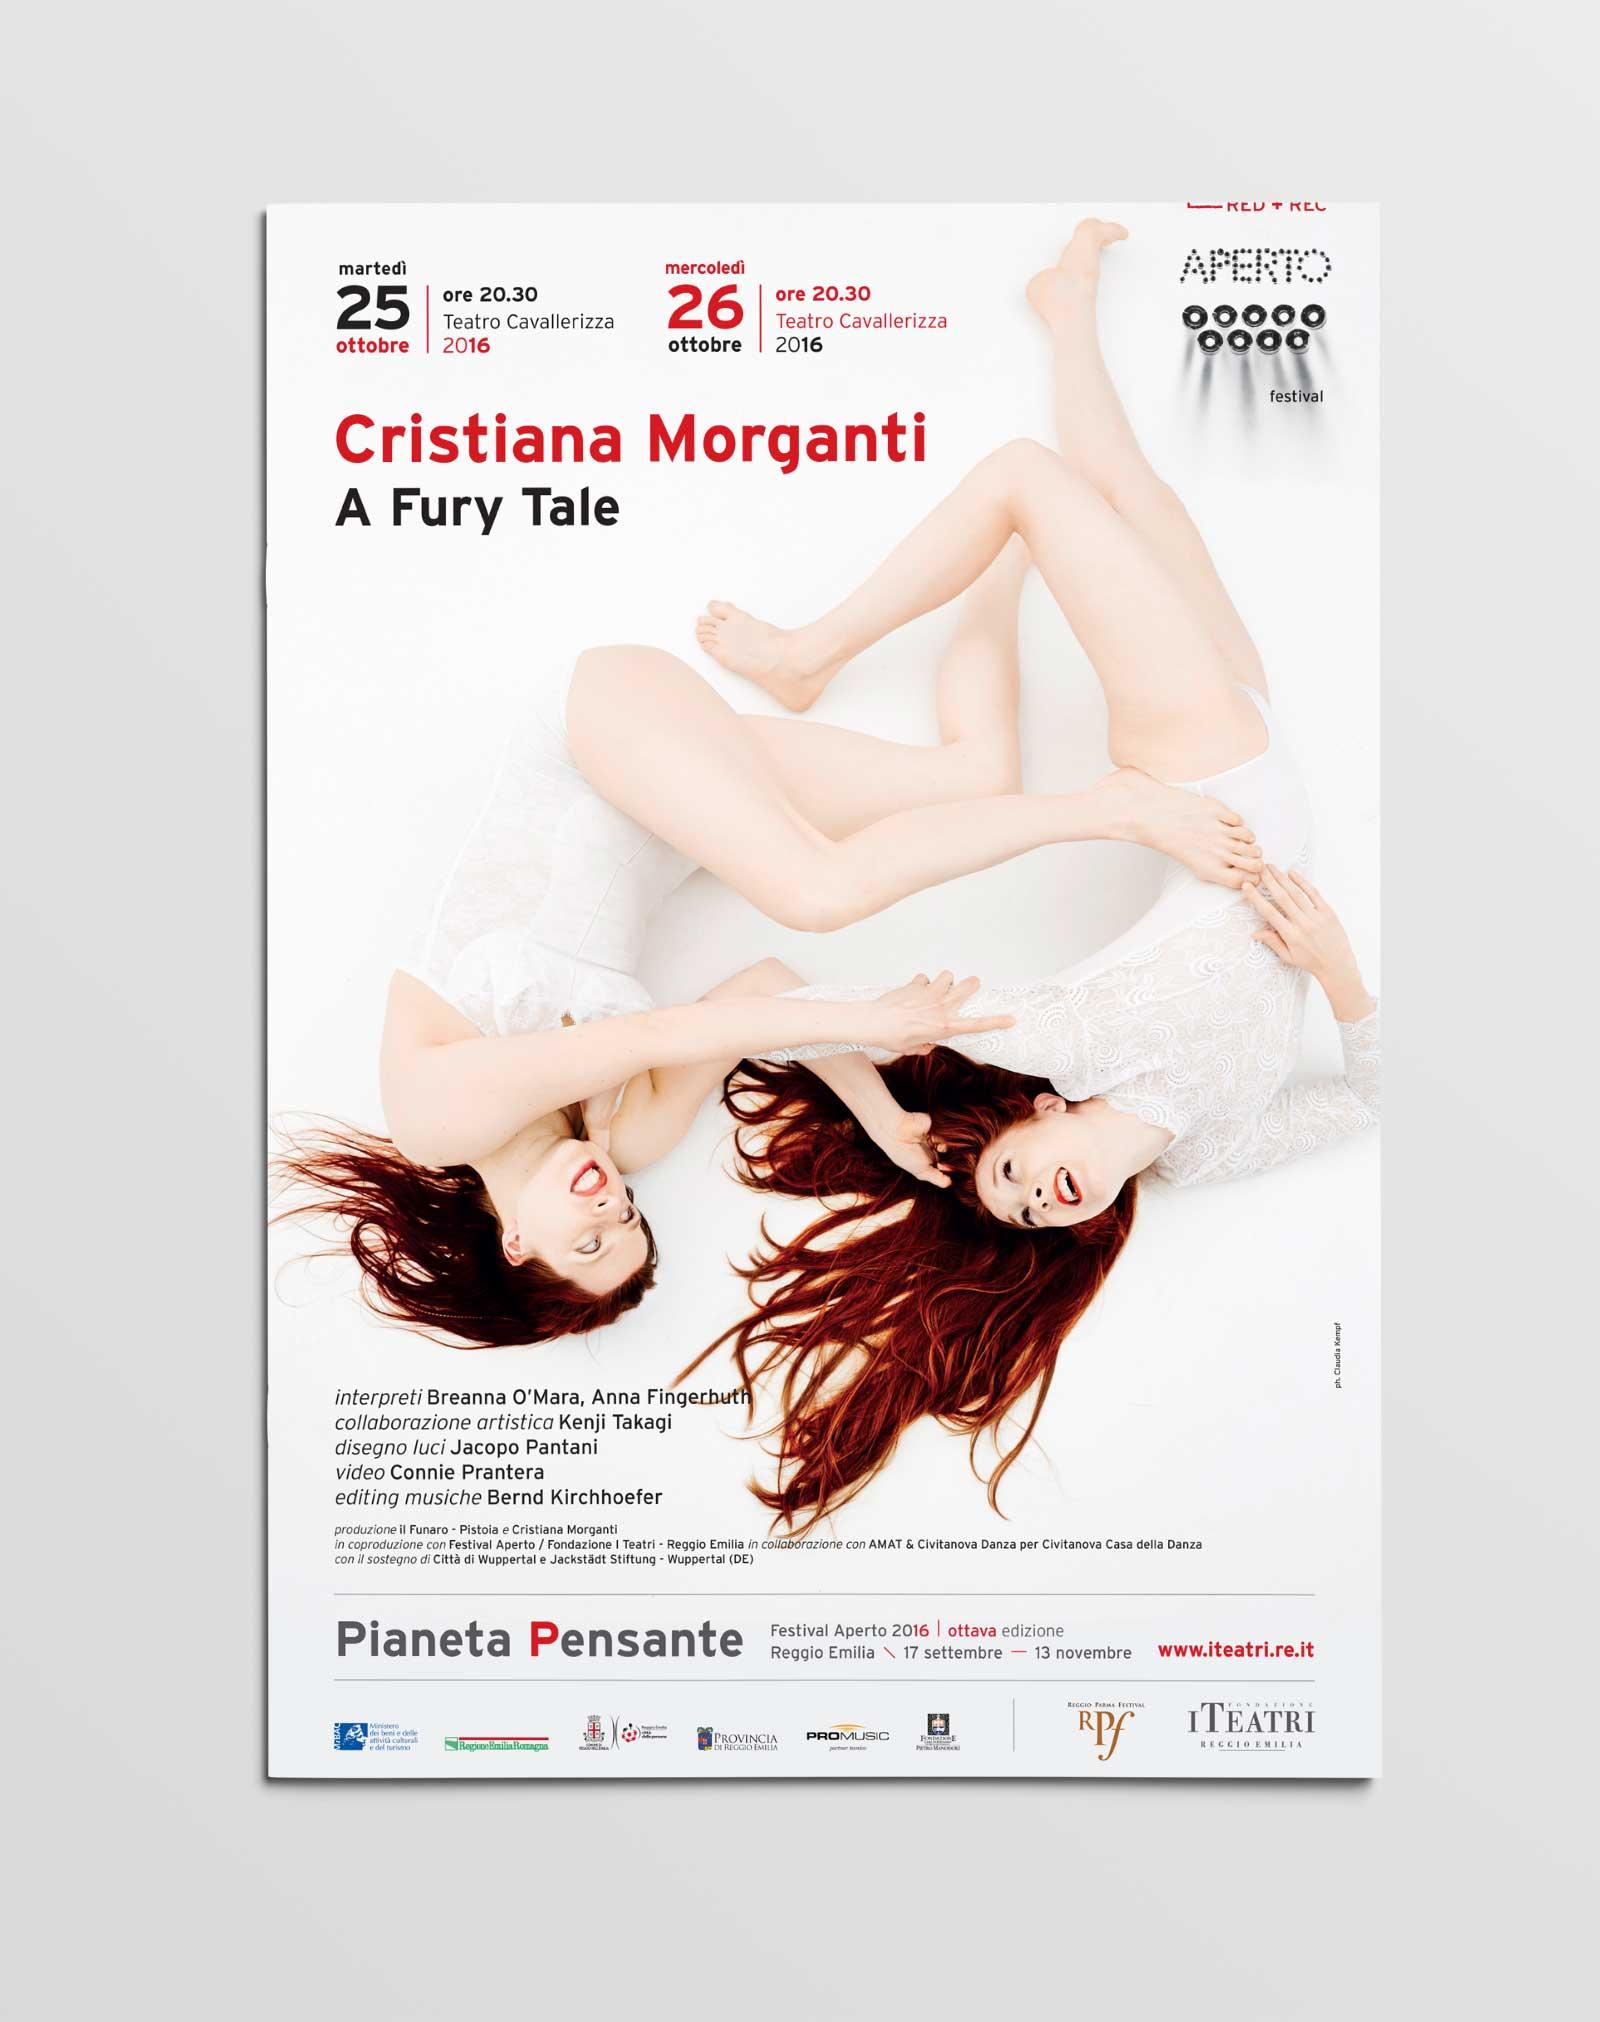 APERTO-2016_manifesto-Morganti